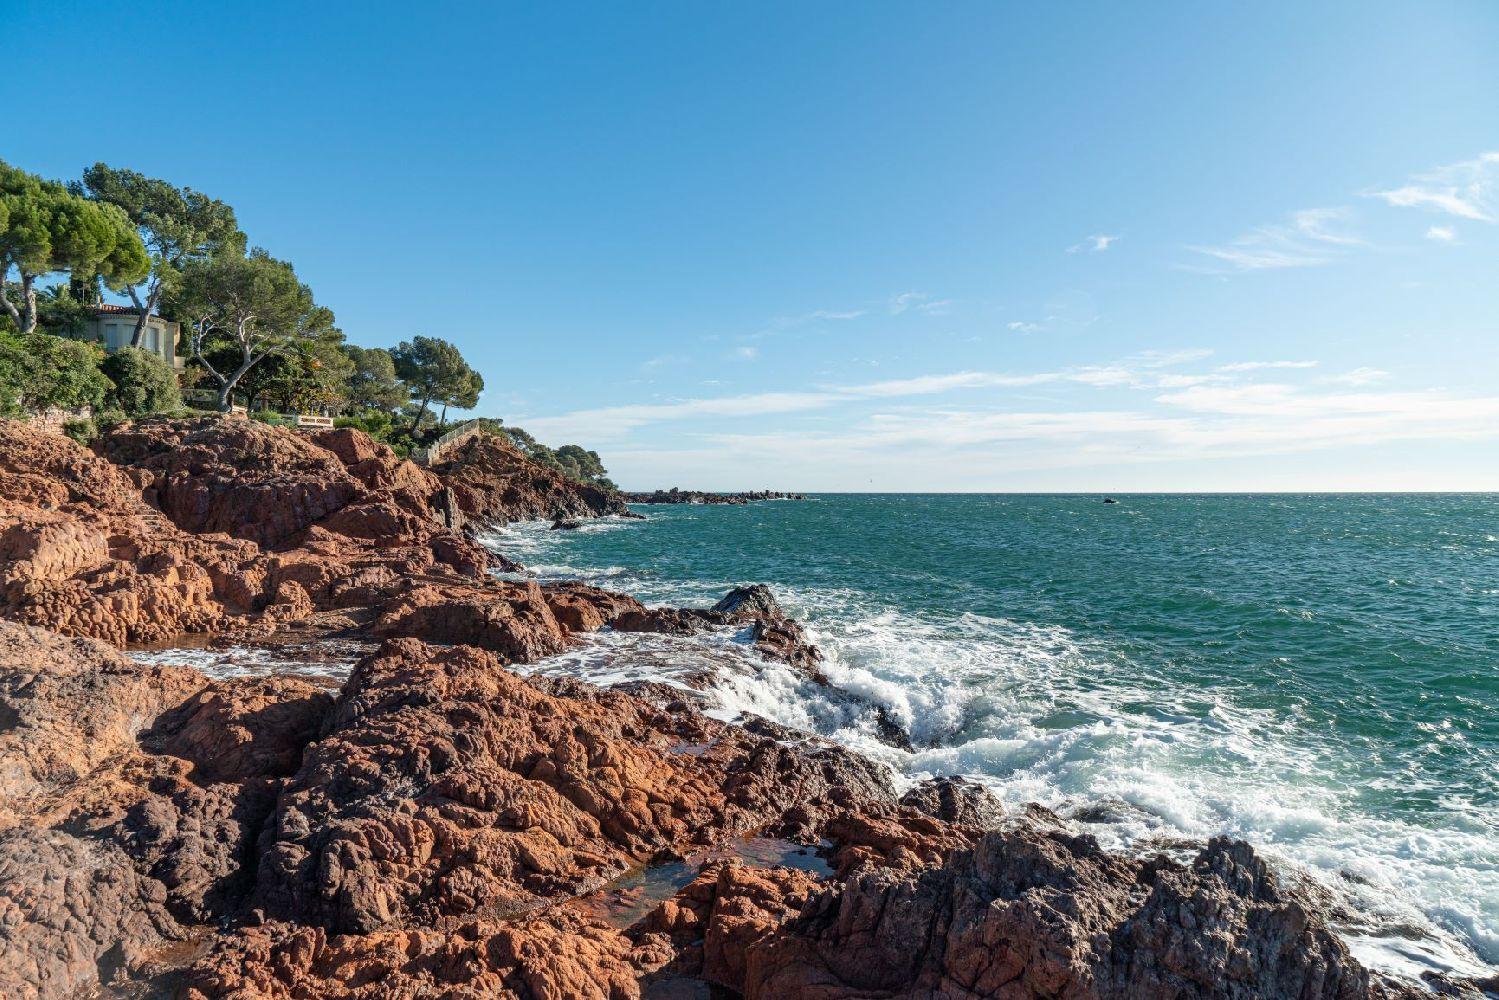 Randonn e le sentier du littoral saint rapha l - Meteo marine port camargue saint raphael ...